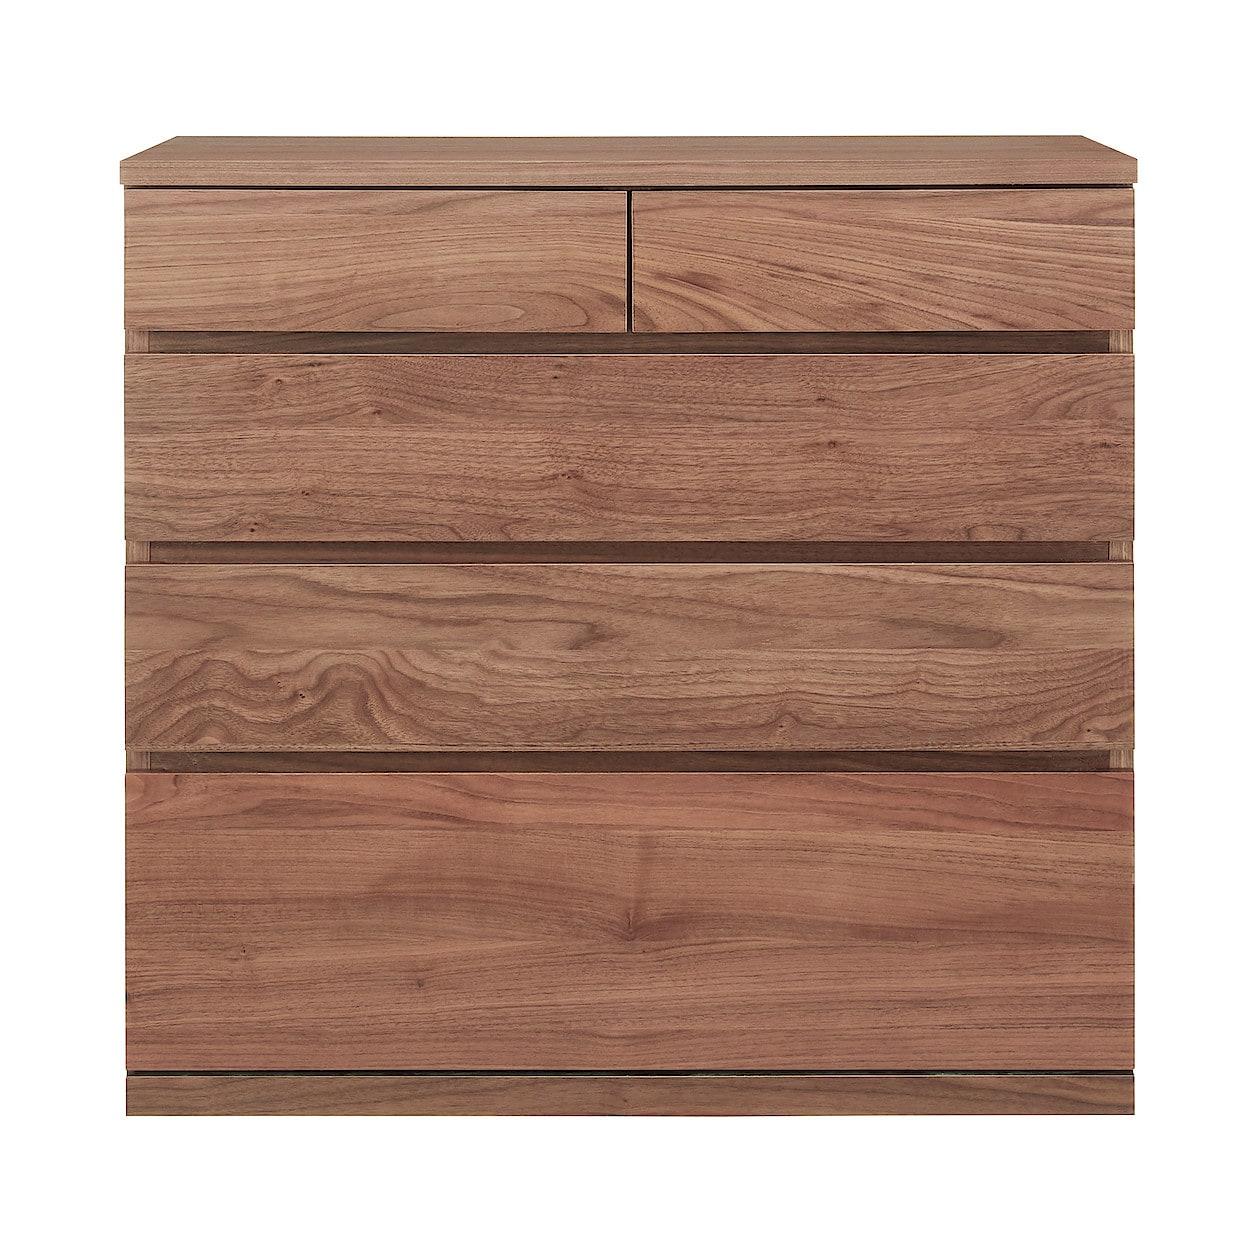 木製チェスト4段・ウォールナット材